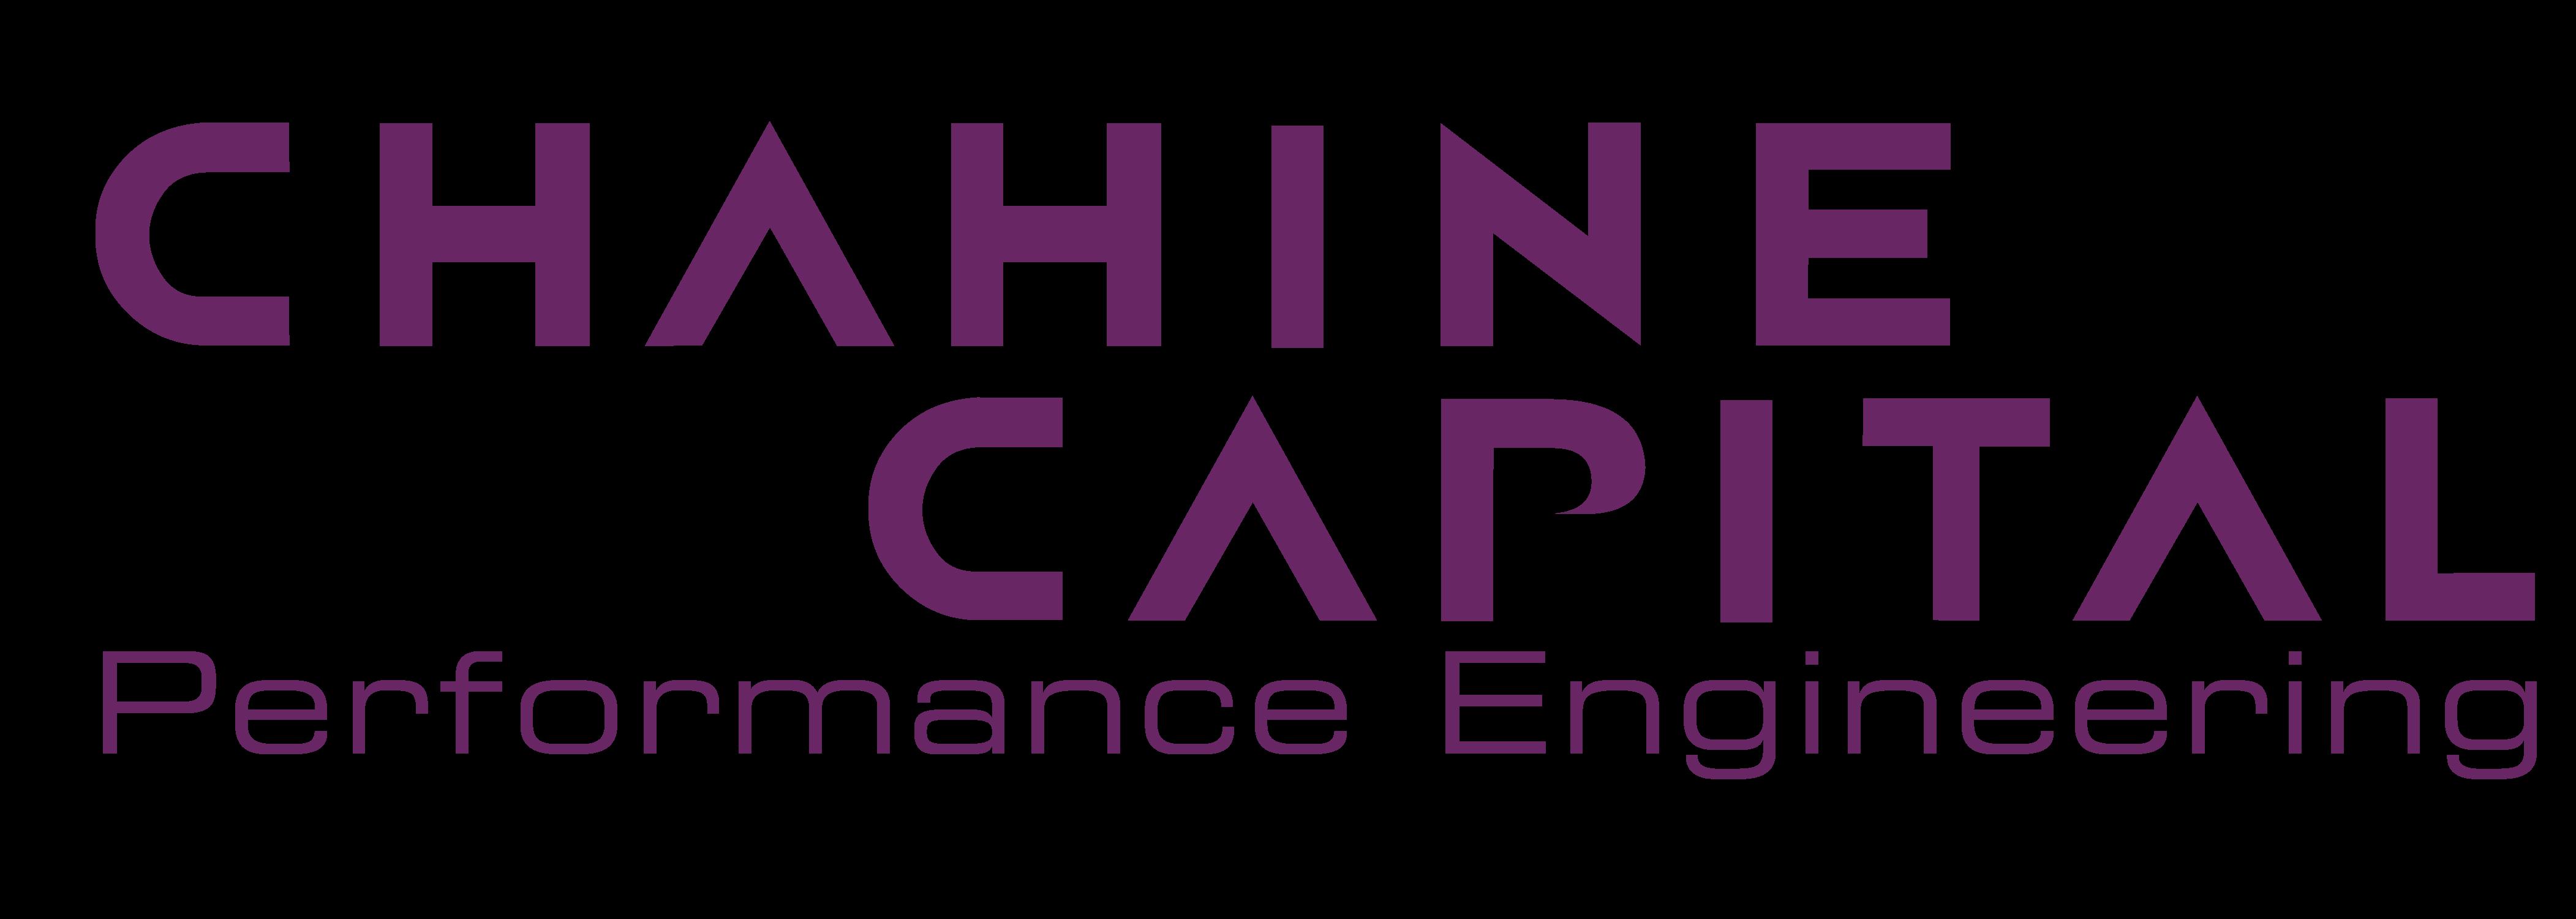 Chahine Capital